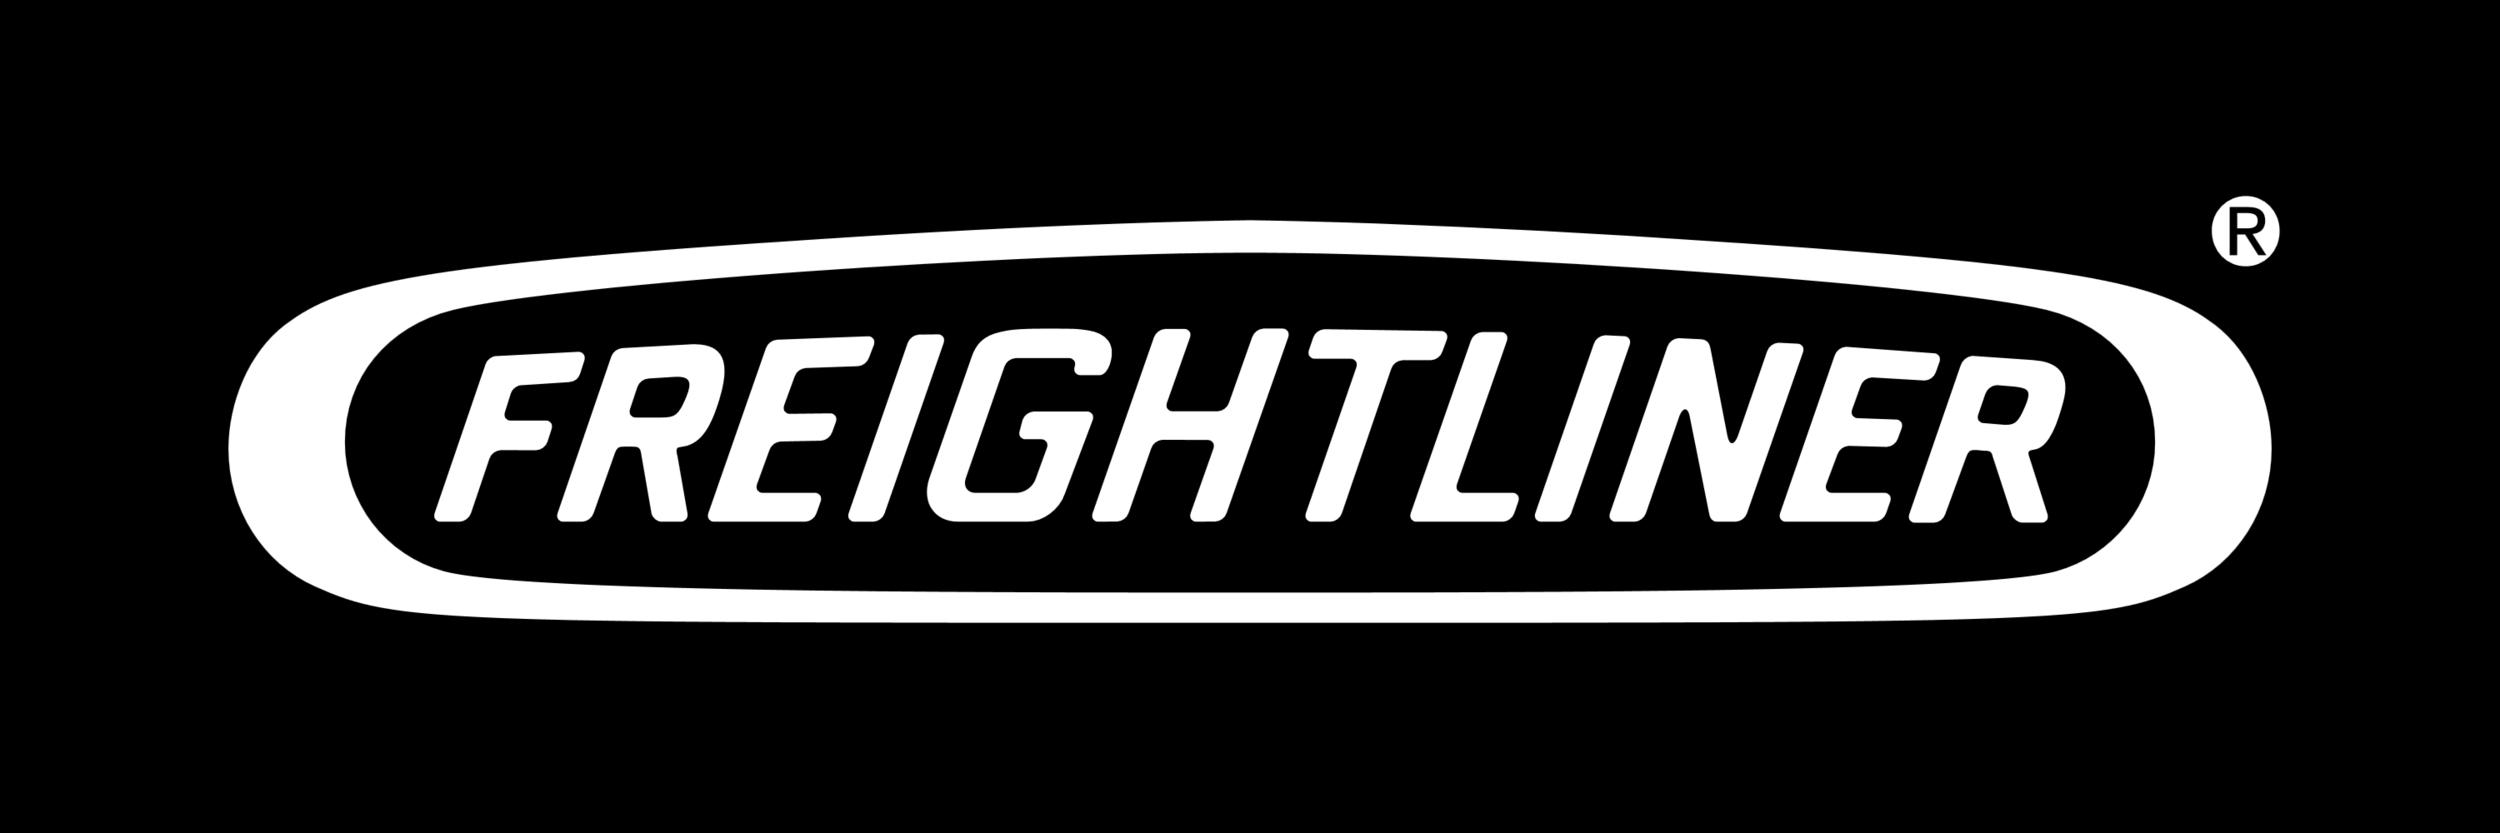 Freightliner-logo-black-3000x1000.png